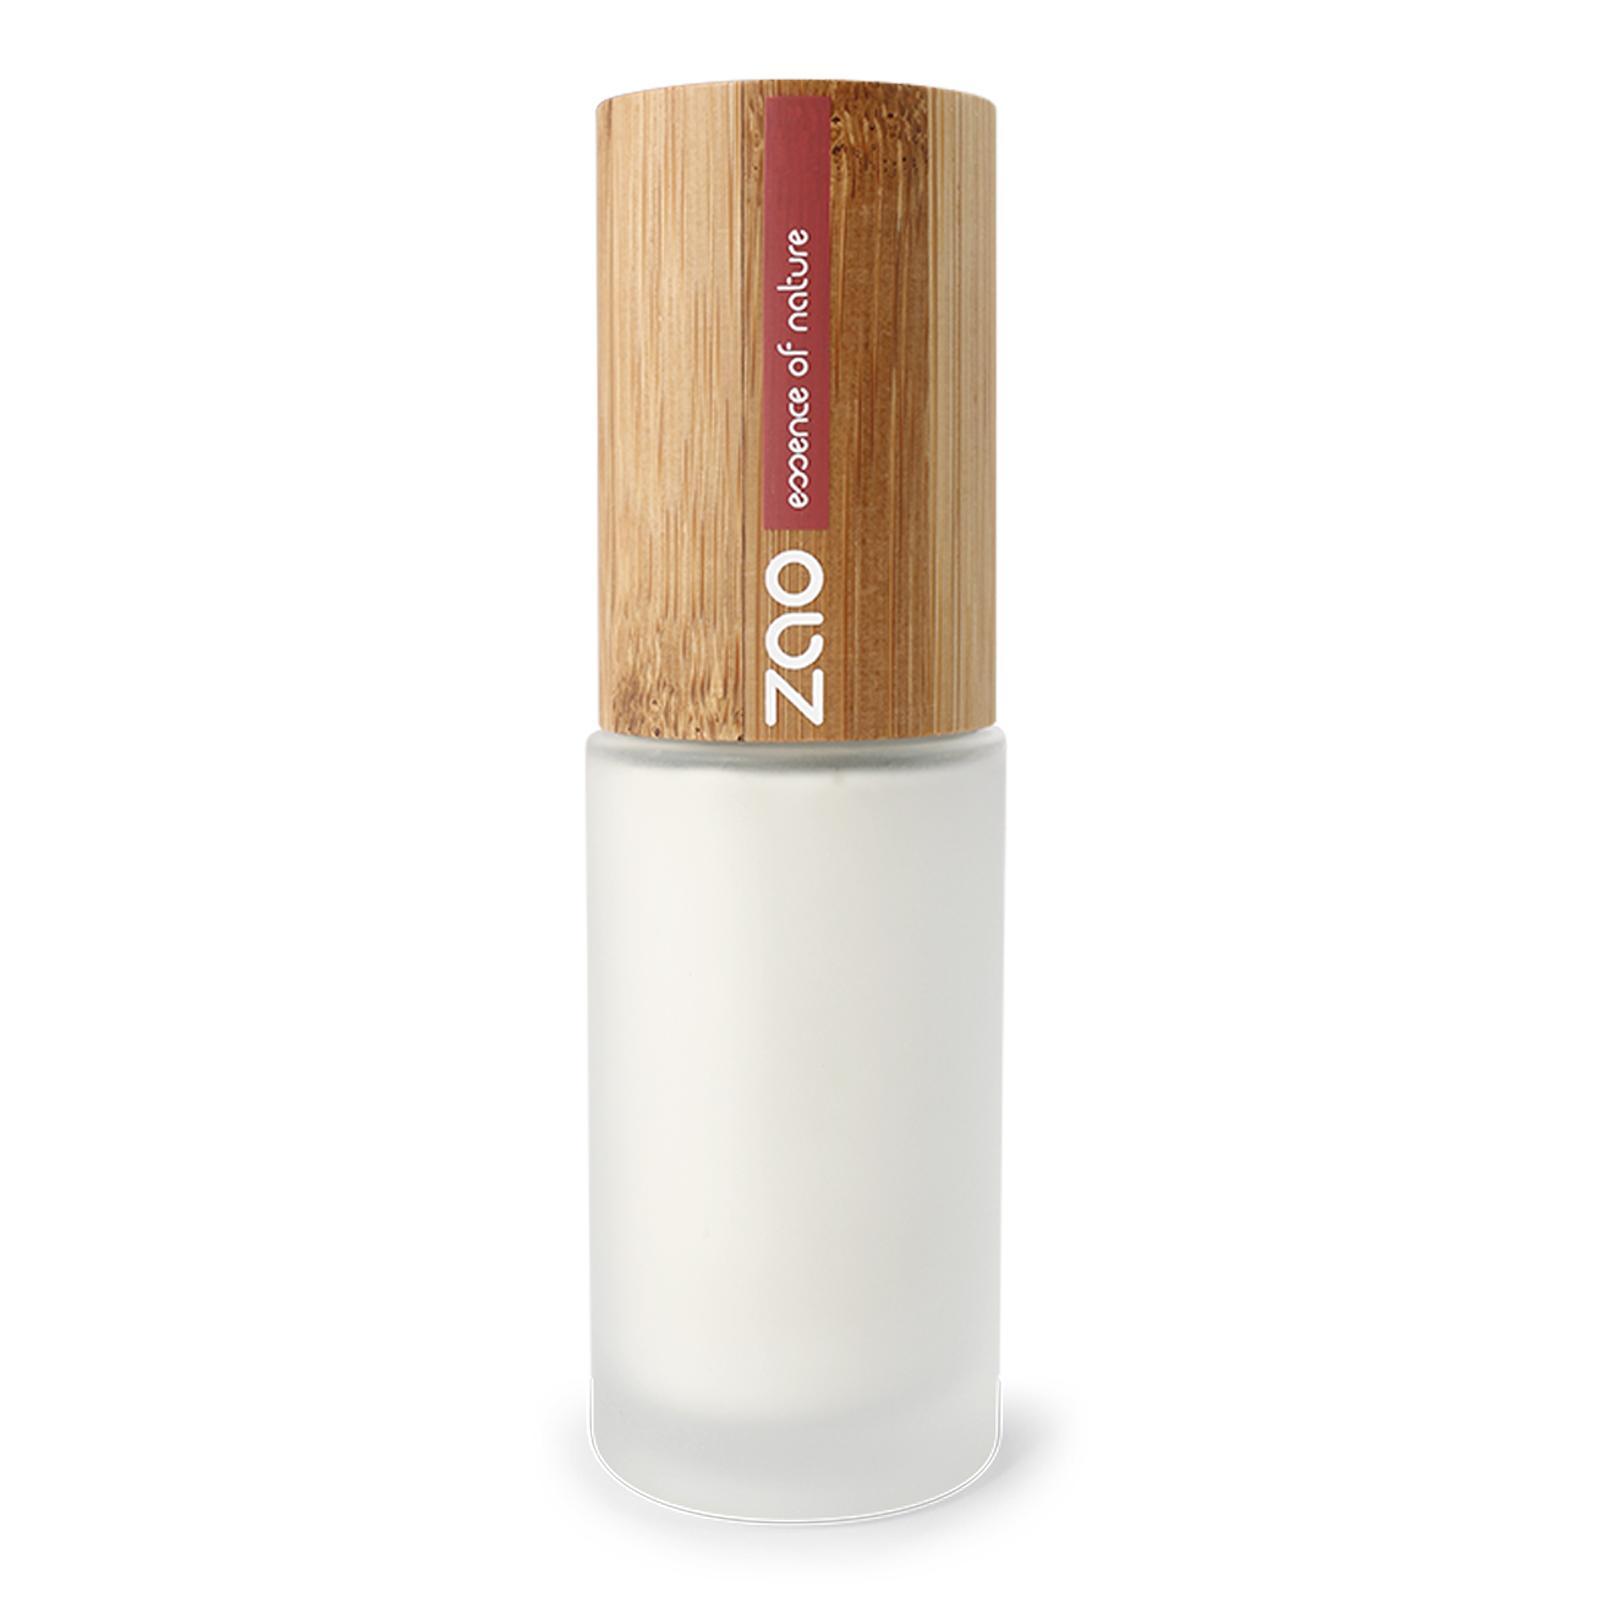 ZAO Báze pod make-up pro mastnou pleť 750 30 ml bambusový obal